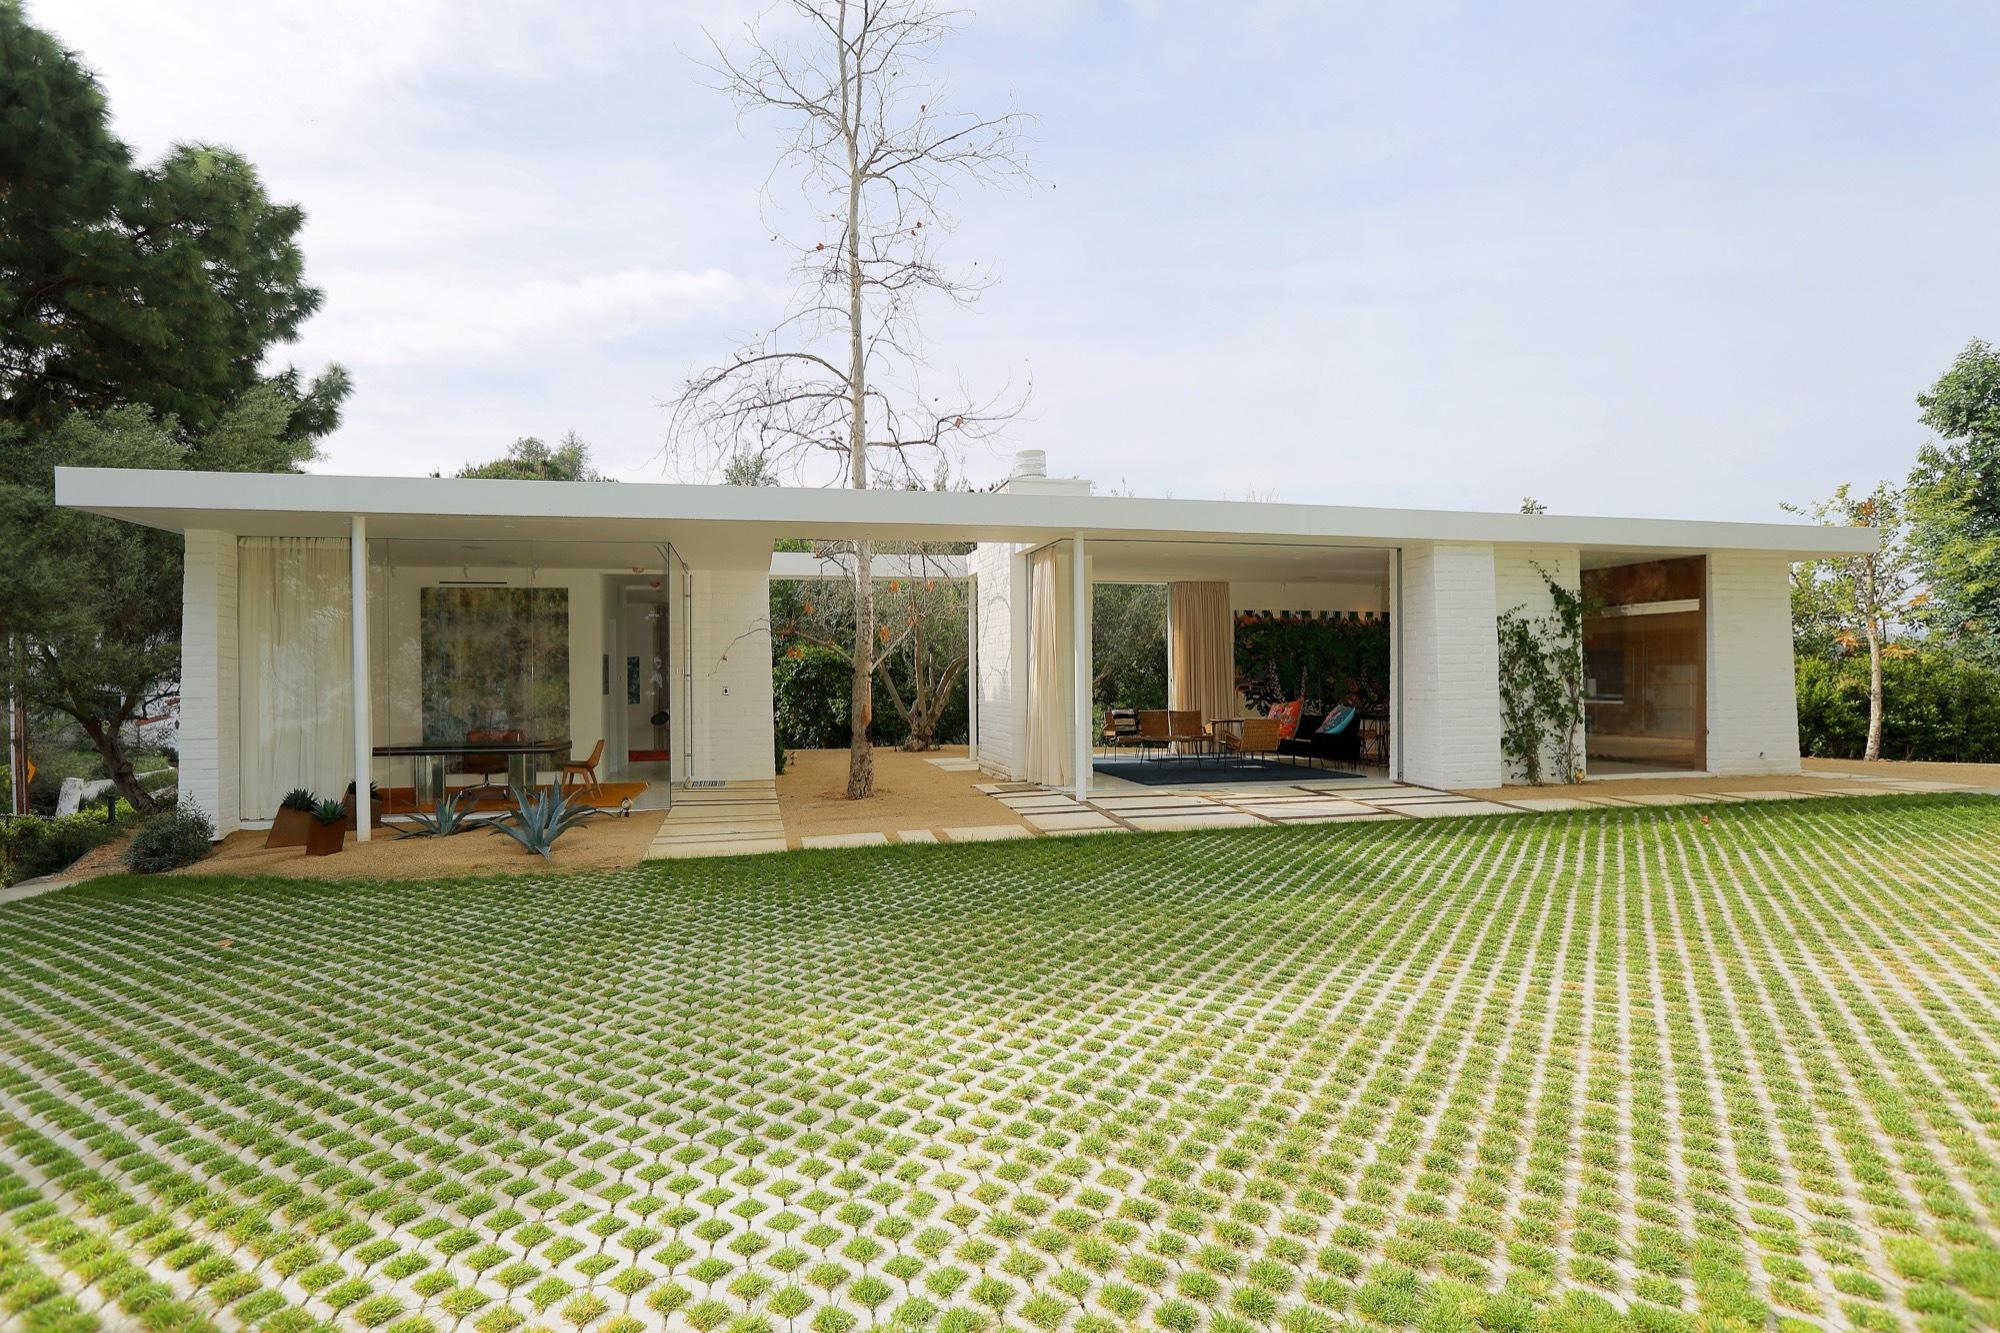 Casa en hollywood hills struere plataforma arquitectura for Plataforma arquitectura